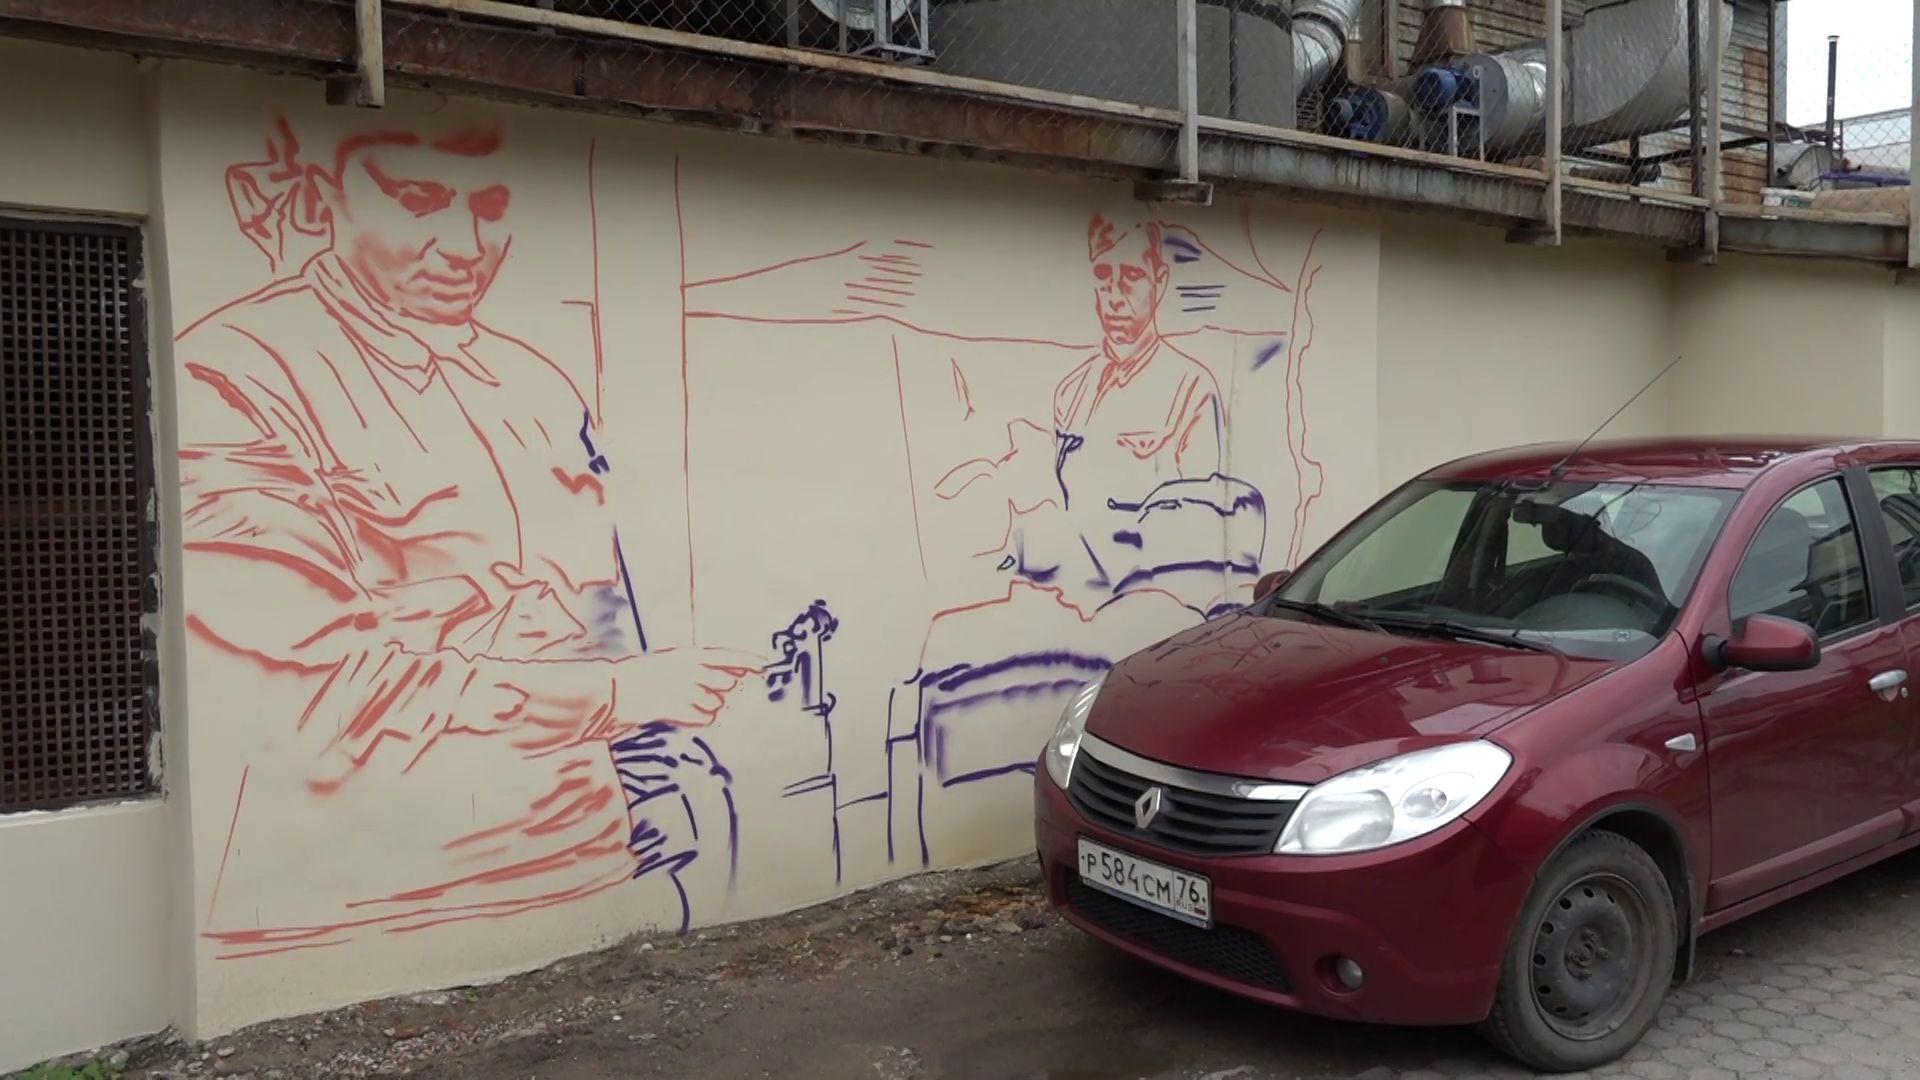 В Ярославле на фасаде хлебозавода №1 нарисуют панно в честь присвоения Ярославлю статуса «Города трудовой доблести»